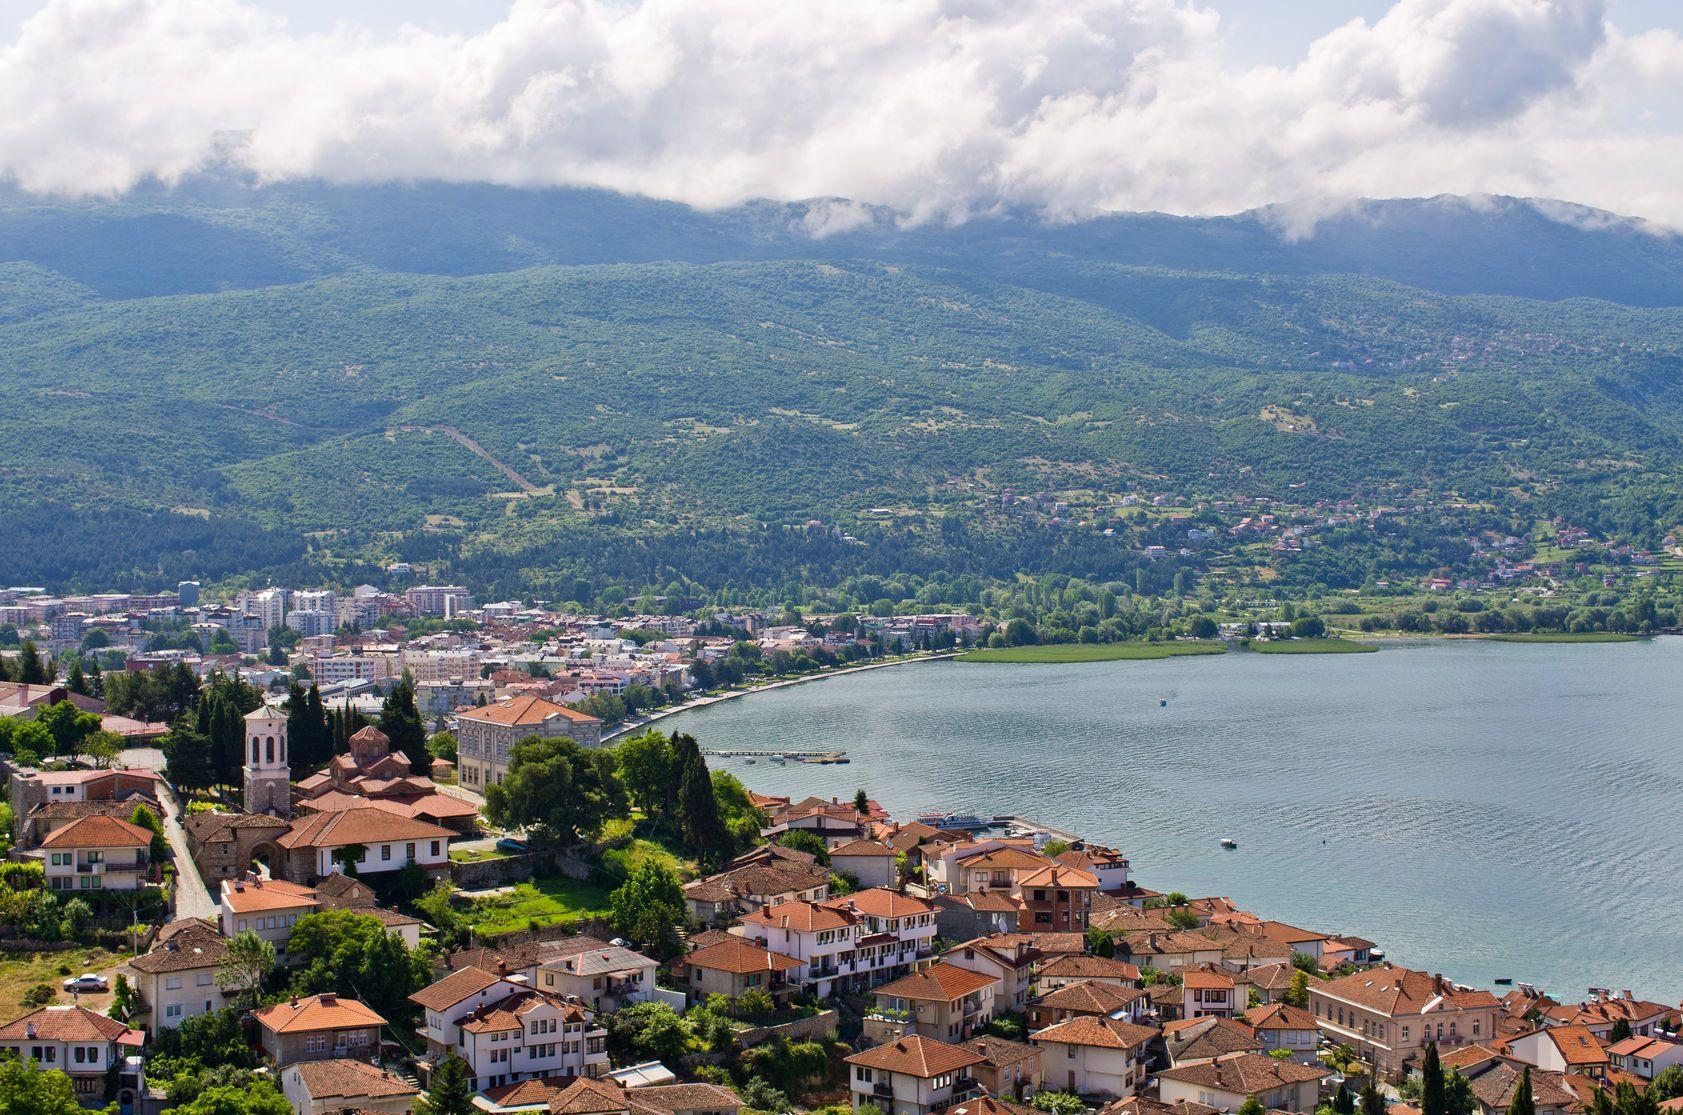 Krajina v okolí města Ohrid v Makedonii | ccat82/123RF.com